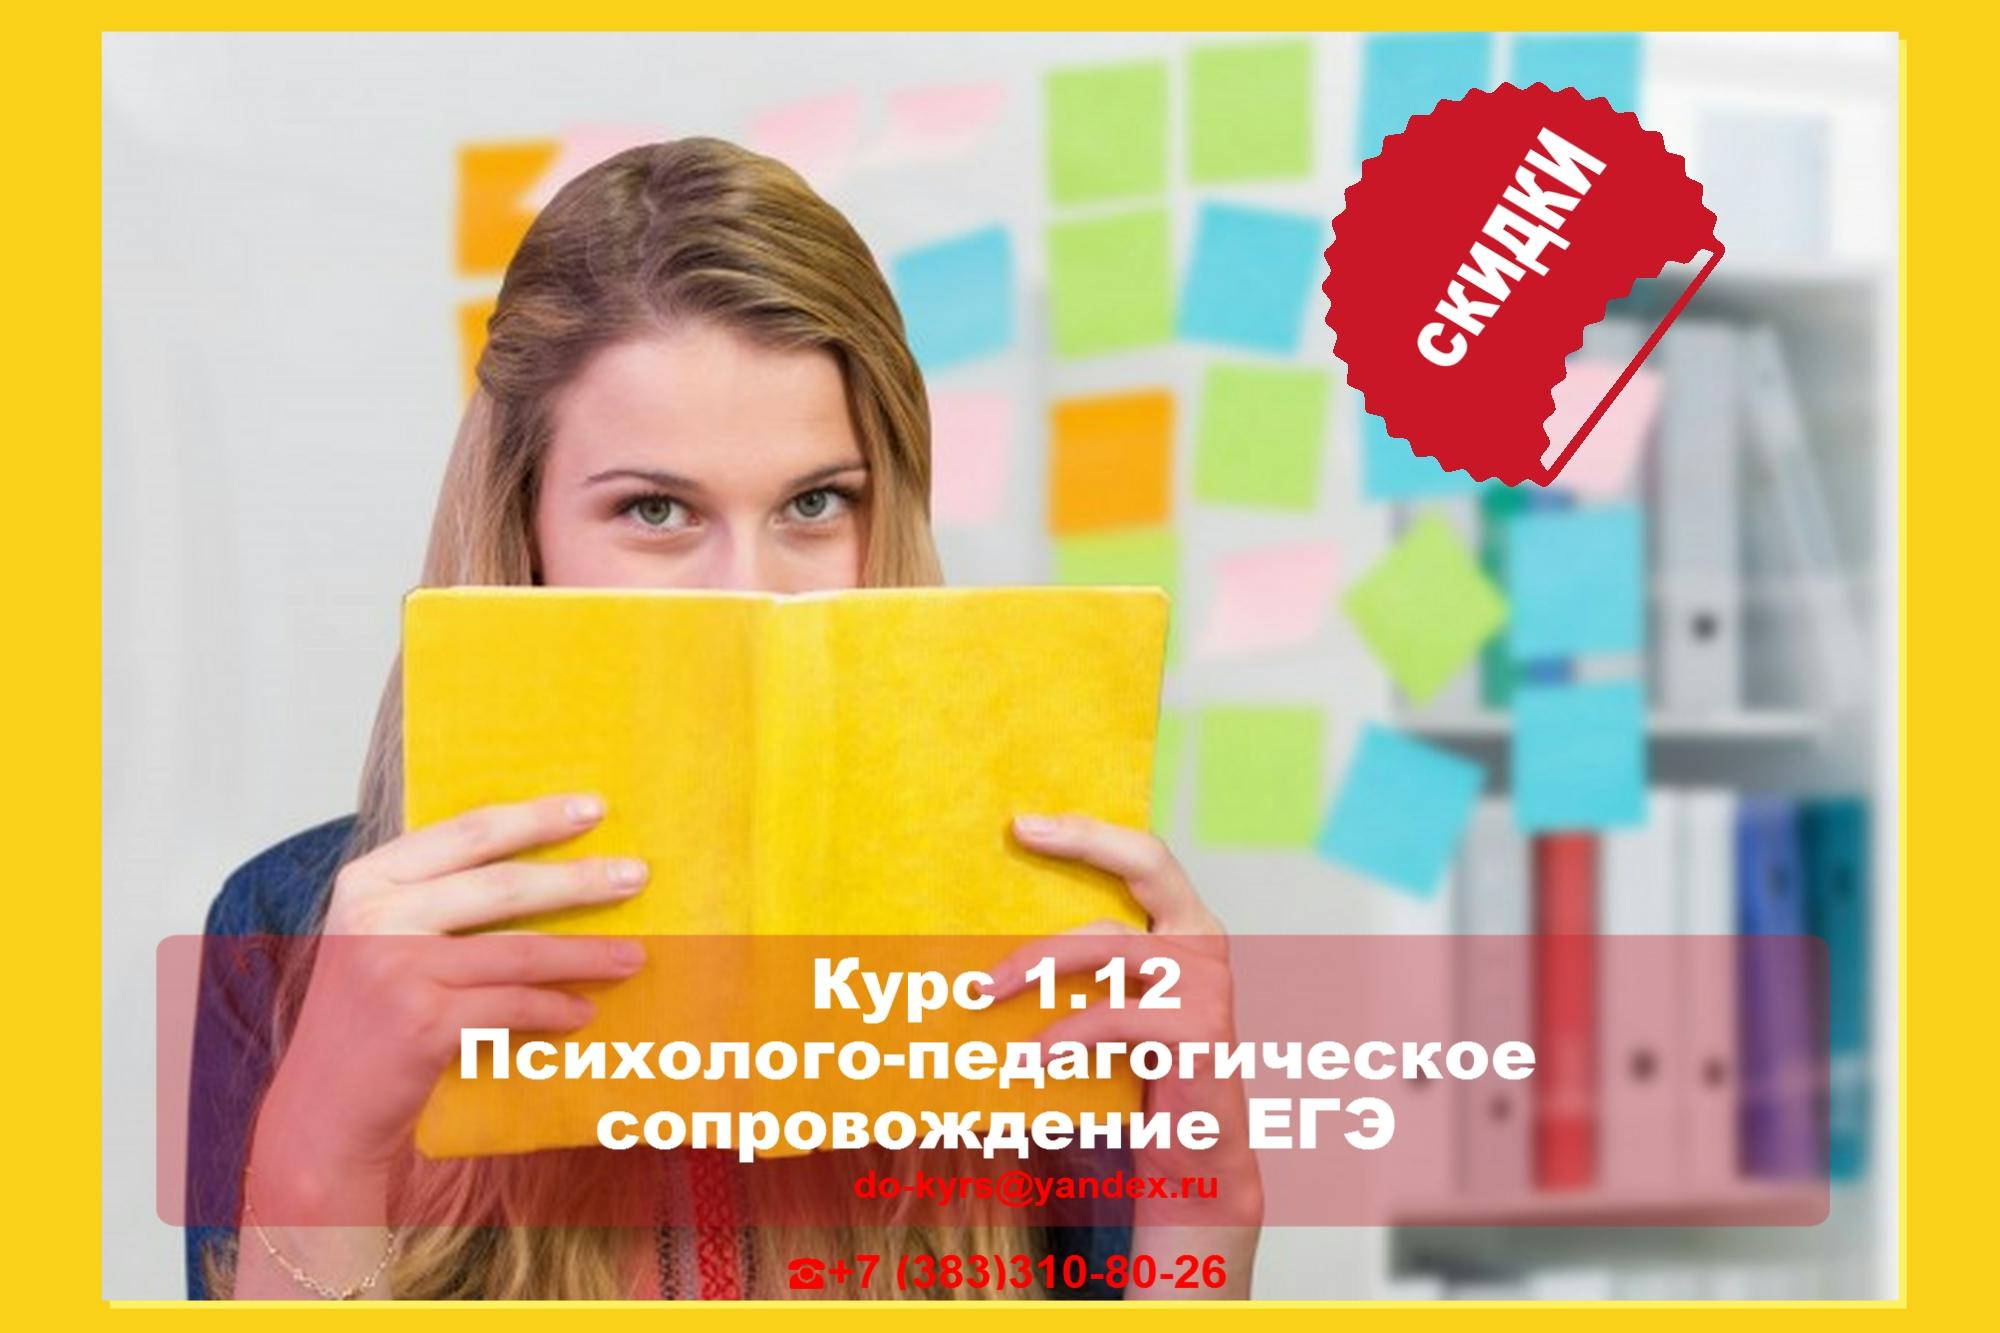 Дистанционные курсы ИДПК Психолого-педагогическое сопровождение ЕГЭ